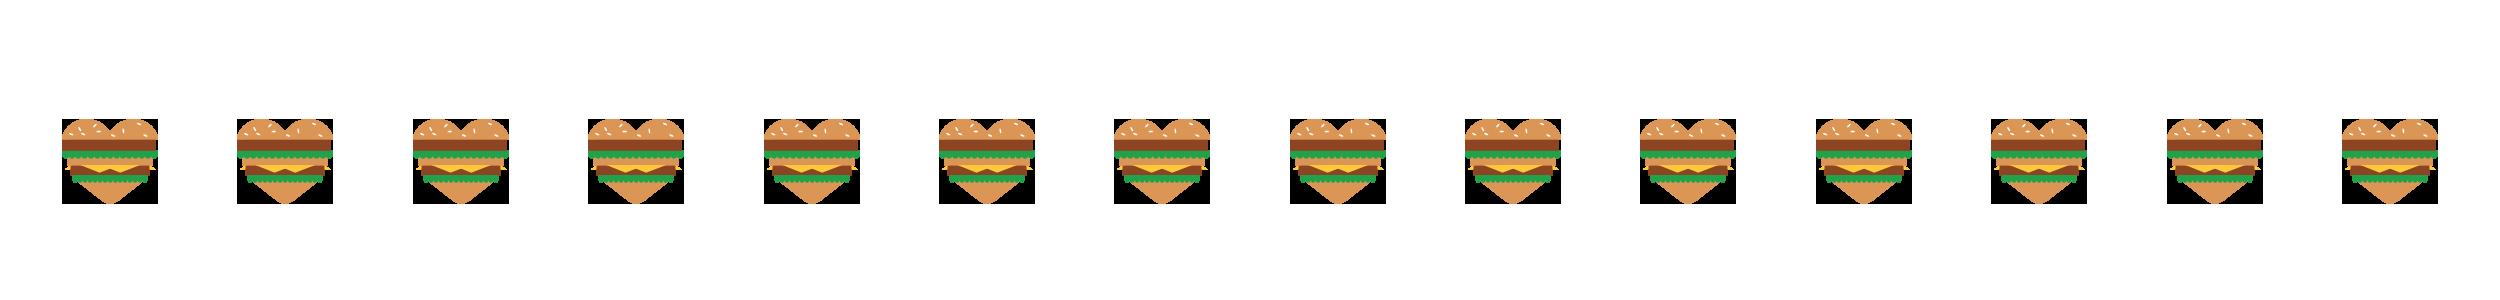 burger hearts row.png